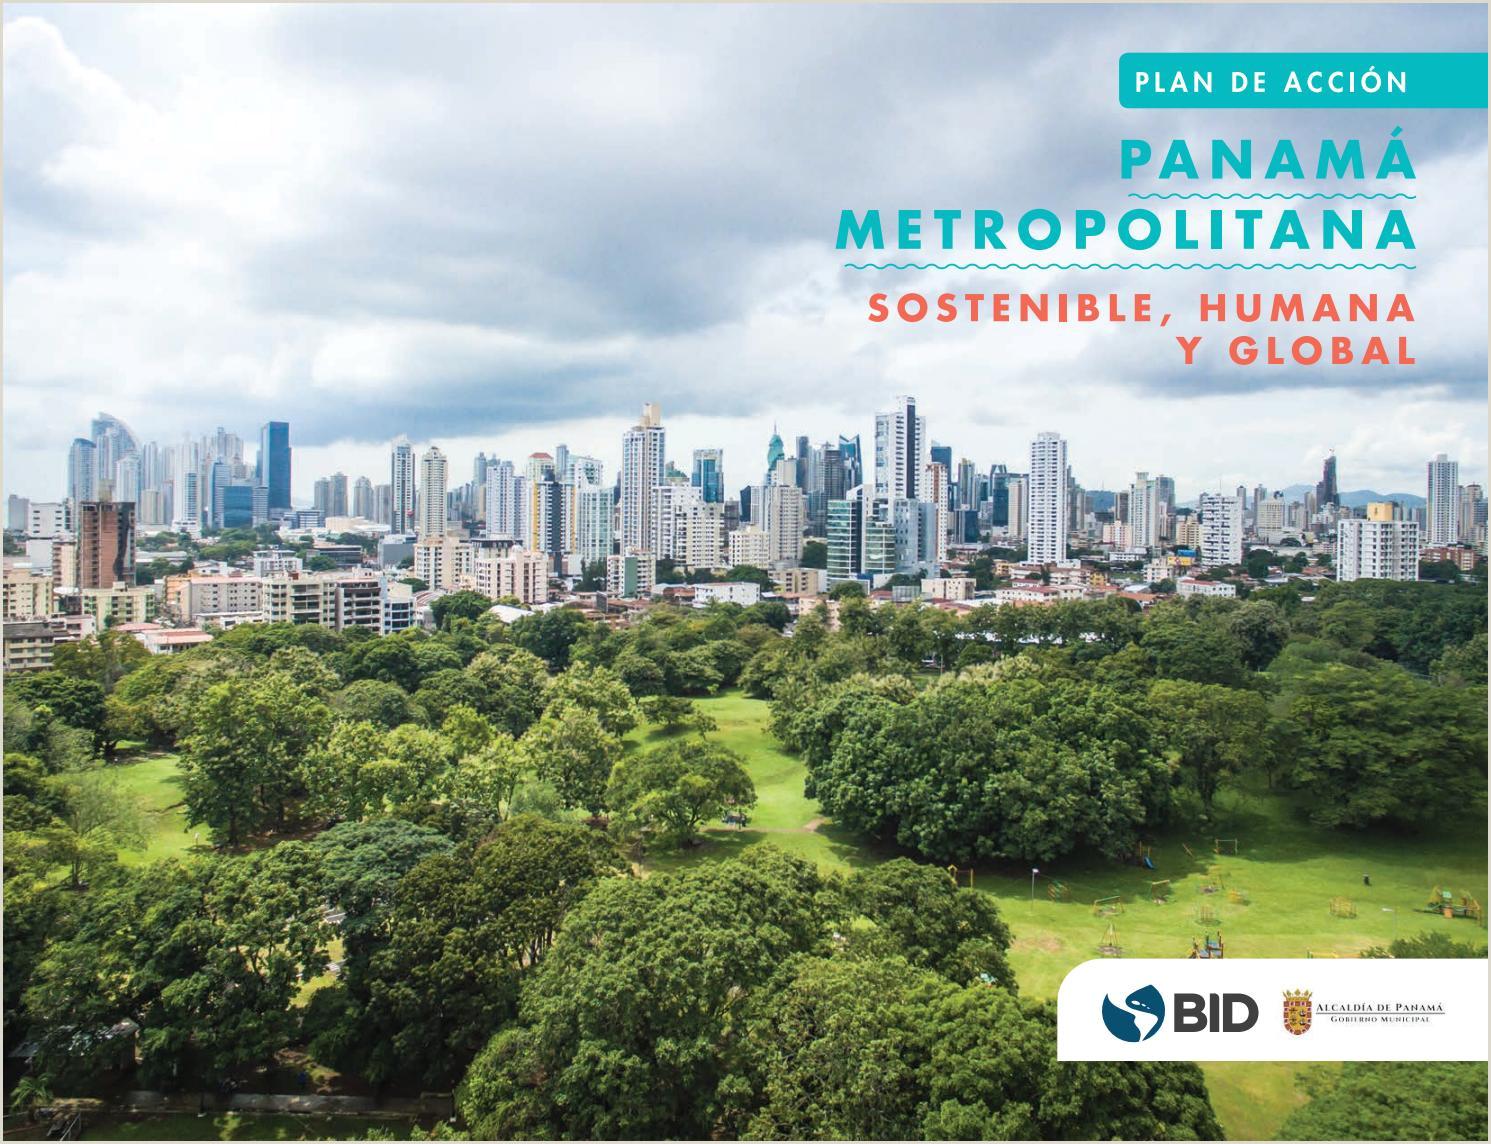 Formato Unico De Hoja De Vida Alcaldia De Cartagena Panamá Metropolitana sostenible Humana Y Global by Bid